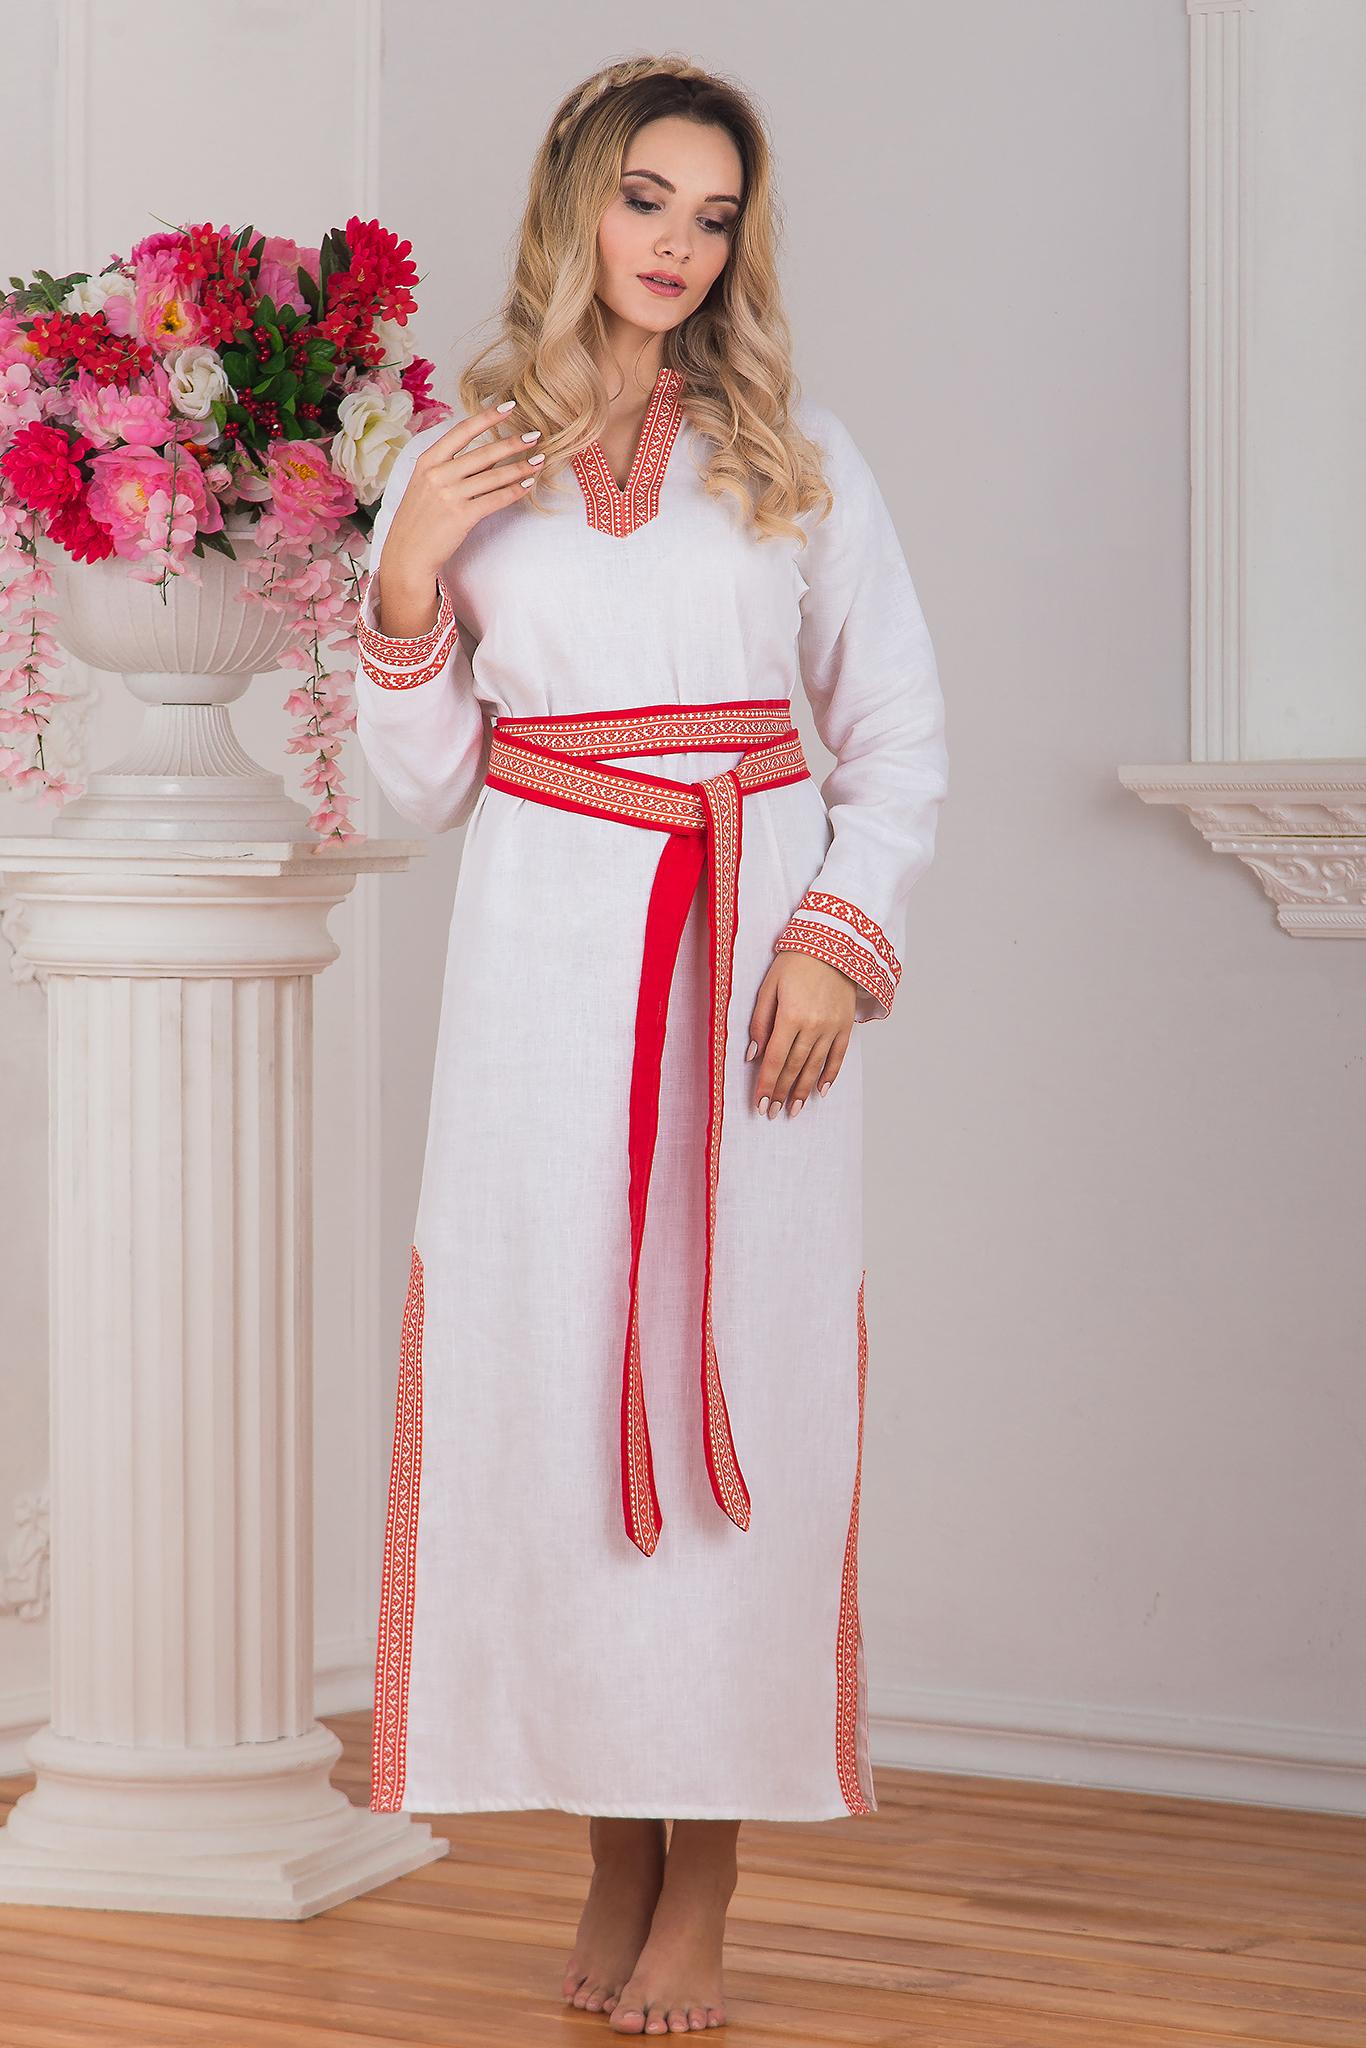 Женская славянская рубаха Верная. Славянская одежда в интернет магазине Иванка